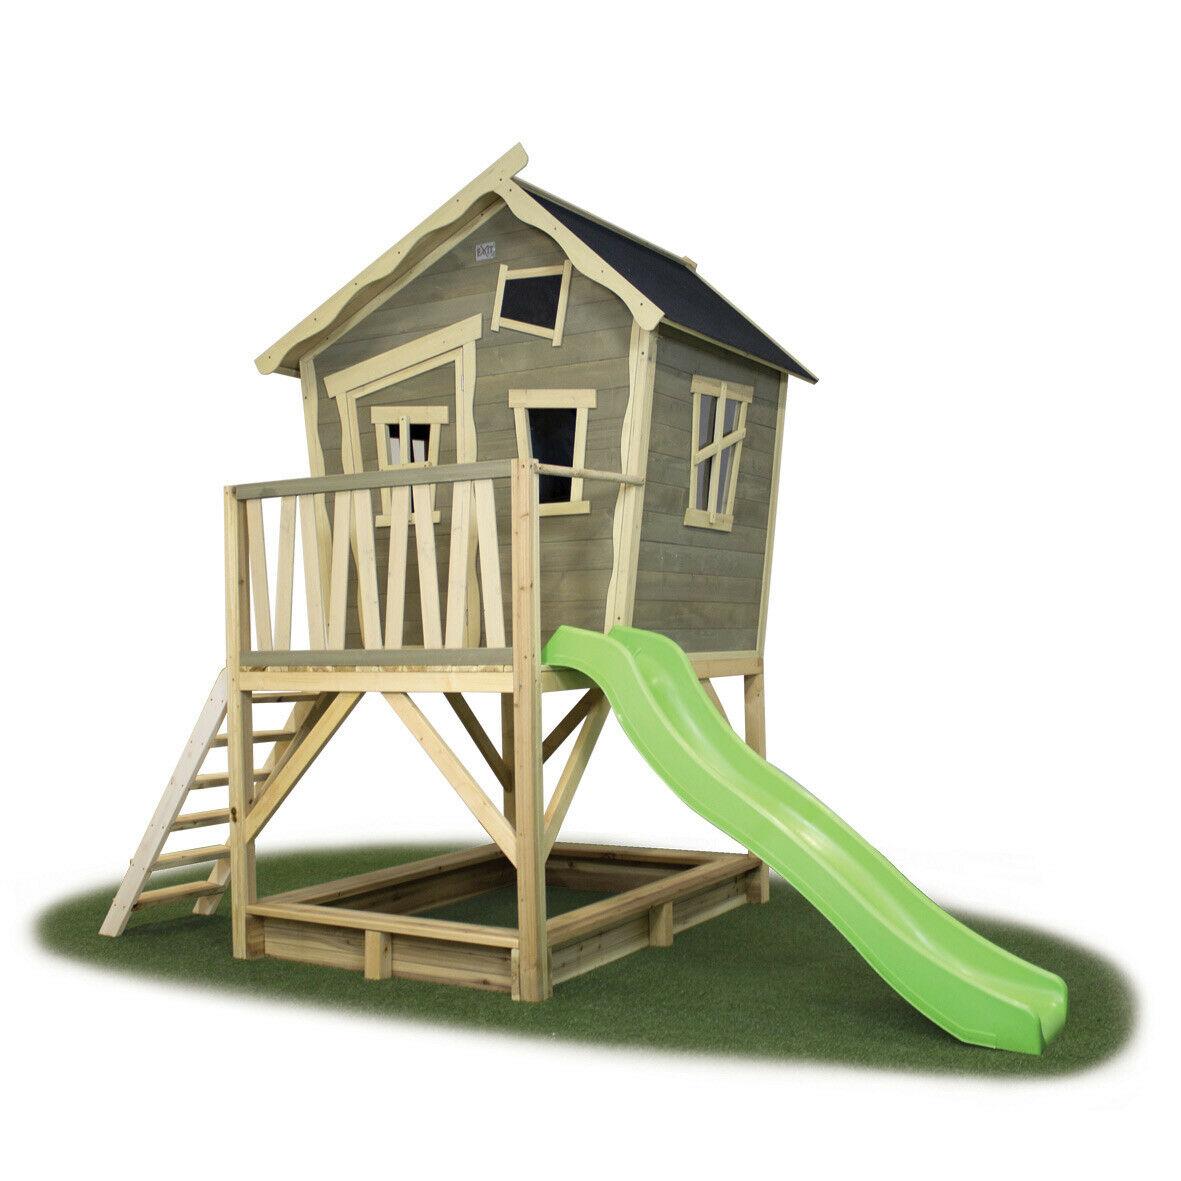 Full Size of Spielhaus Garten Gebraucht Exit Crooky 500 Kinderspielhaus Holz Hängesessel Spielturm Kugelleuchten Aufbewahrungsbox Ausziehtisch Kunststoff Relaxliege Wohnzimmer Spielhaus Garten Gebraucht